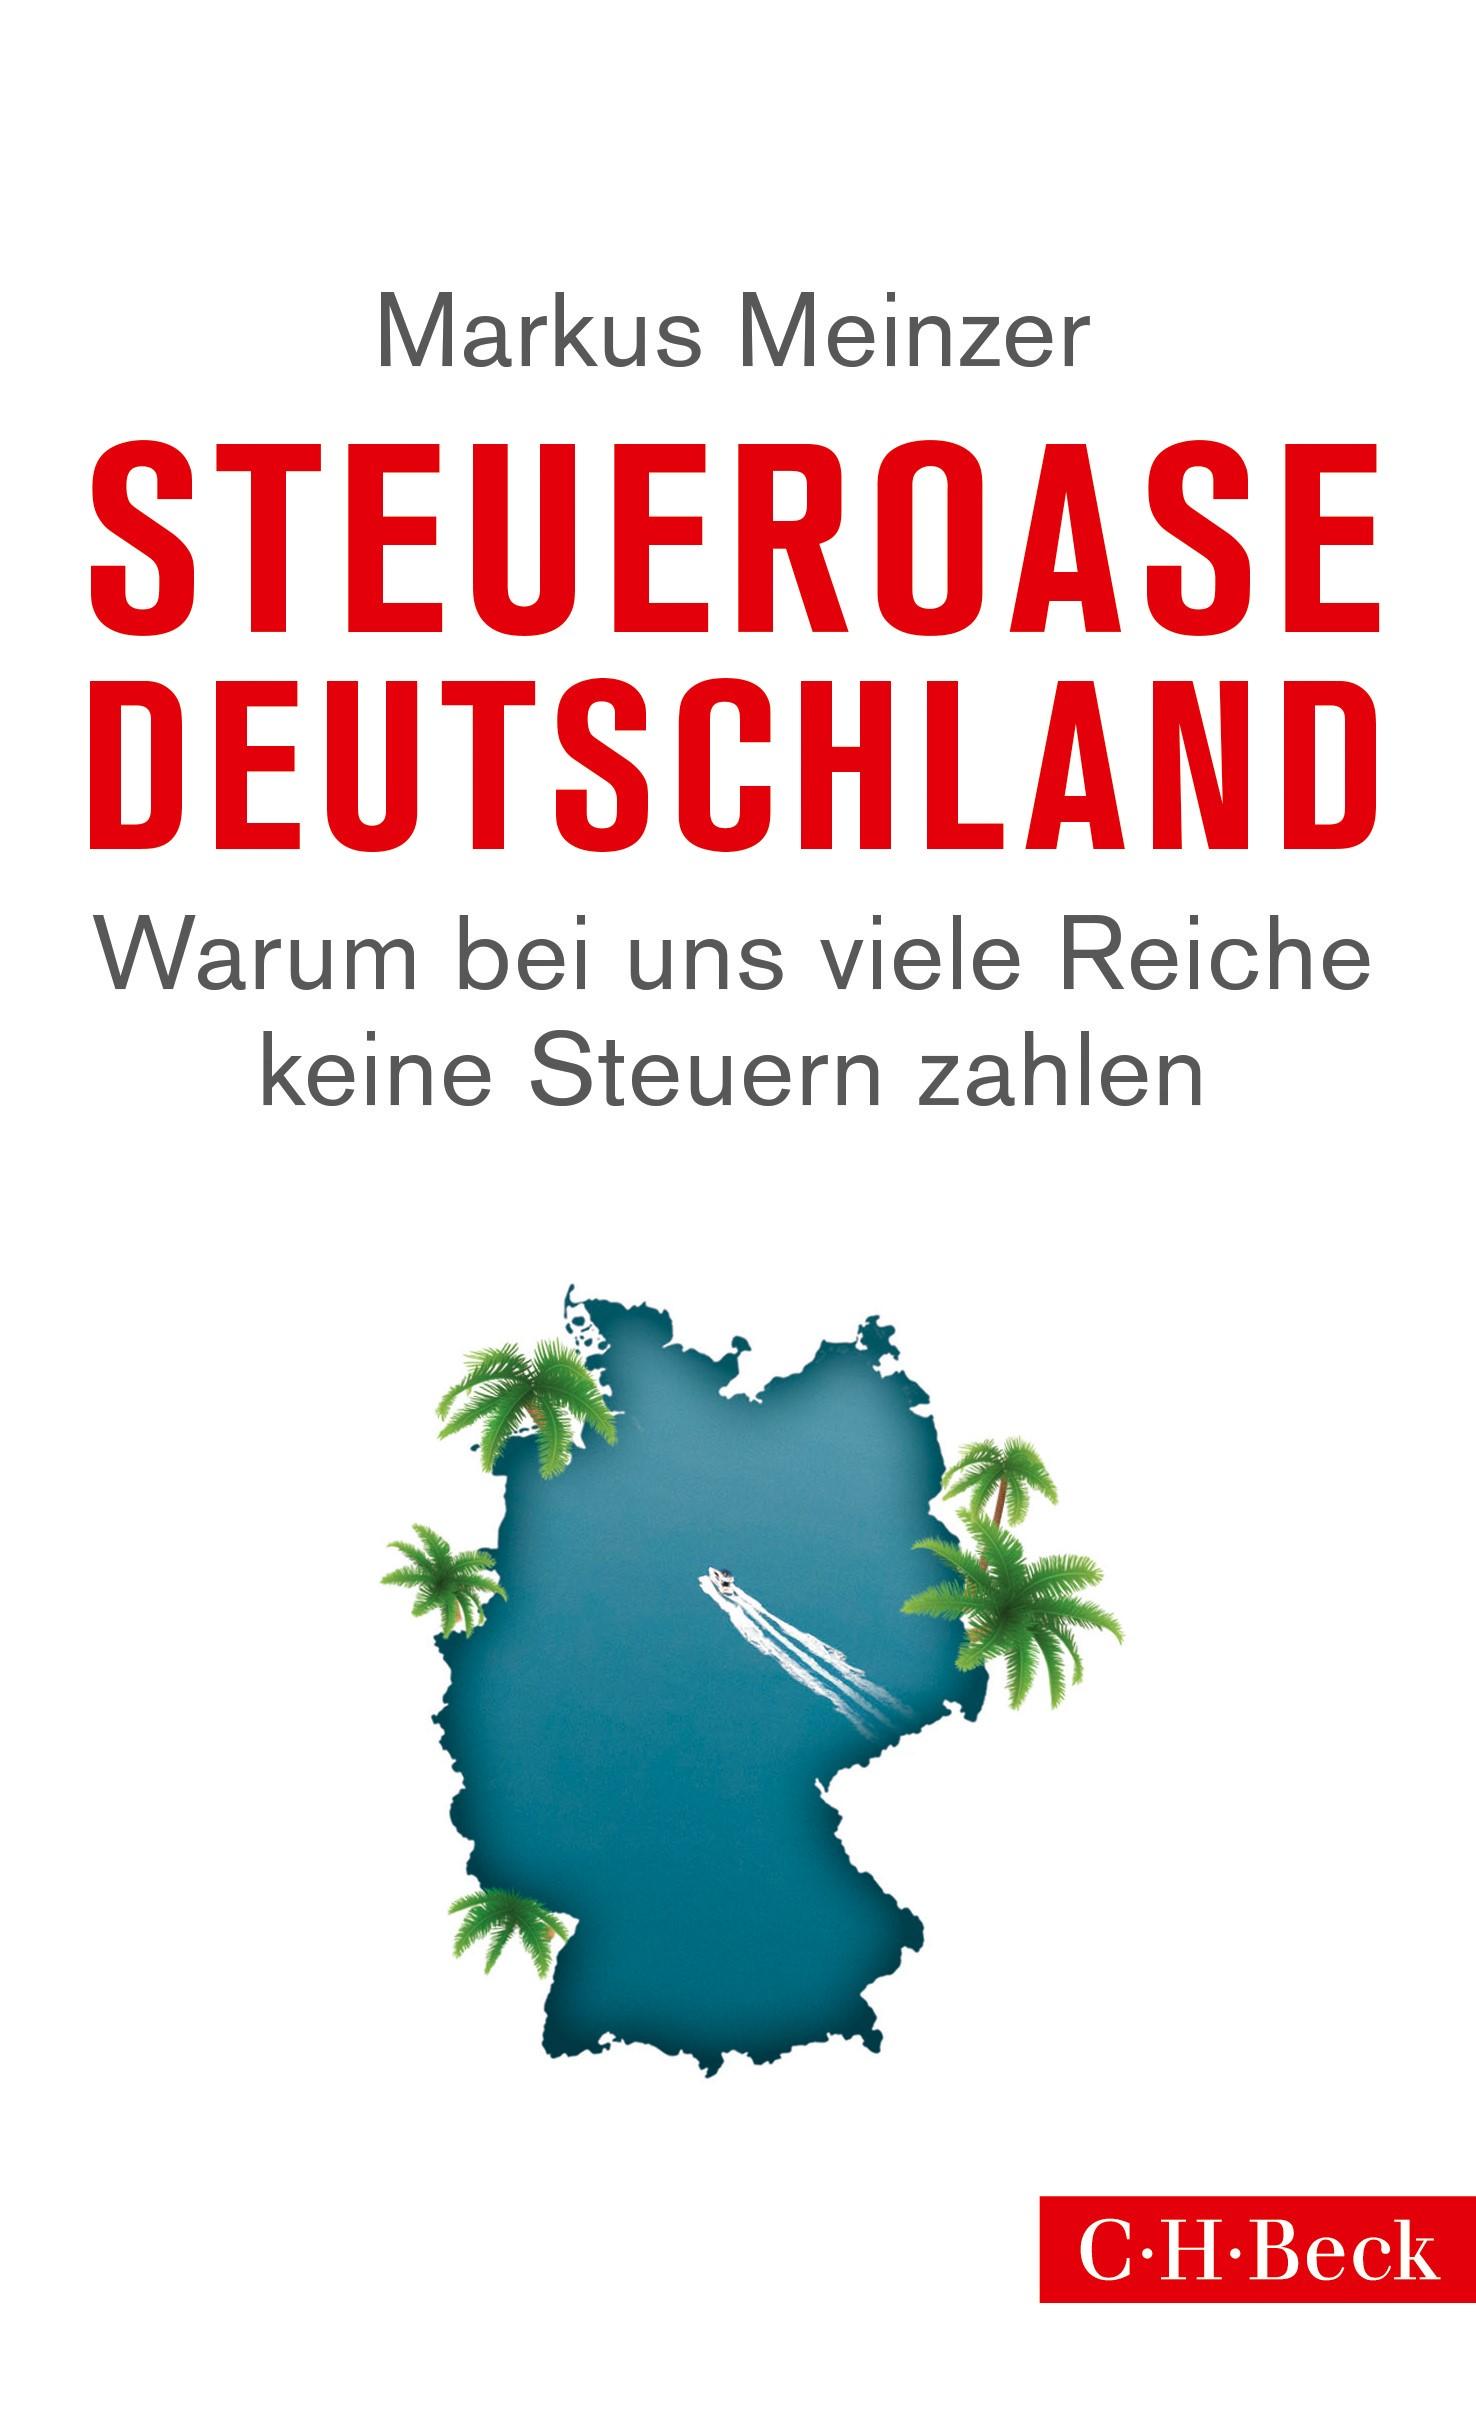 Cover des Buches 'Steueroase Deutschland'